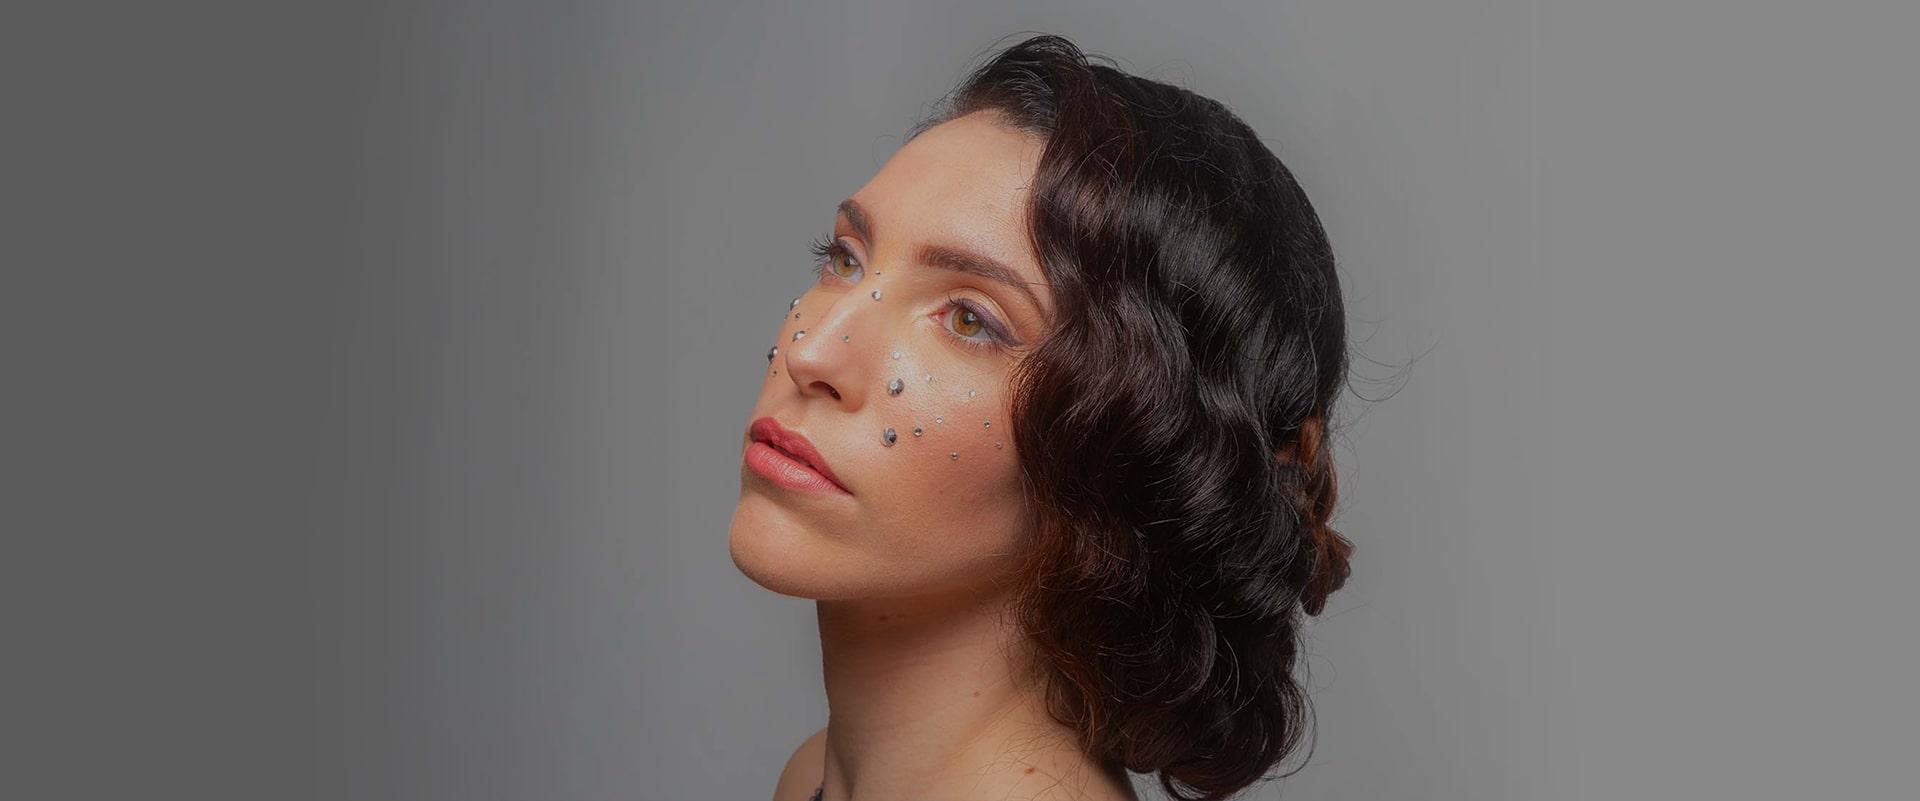 Parrucchiere Taglio di Po | Inspiration Atelier Ricci e Capricci